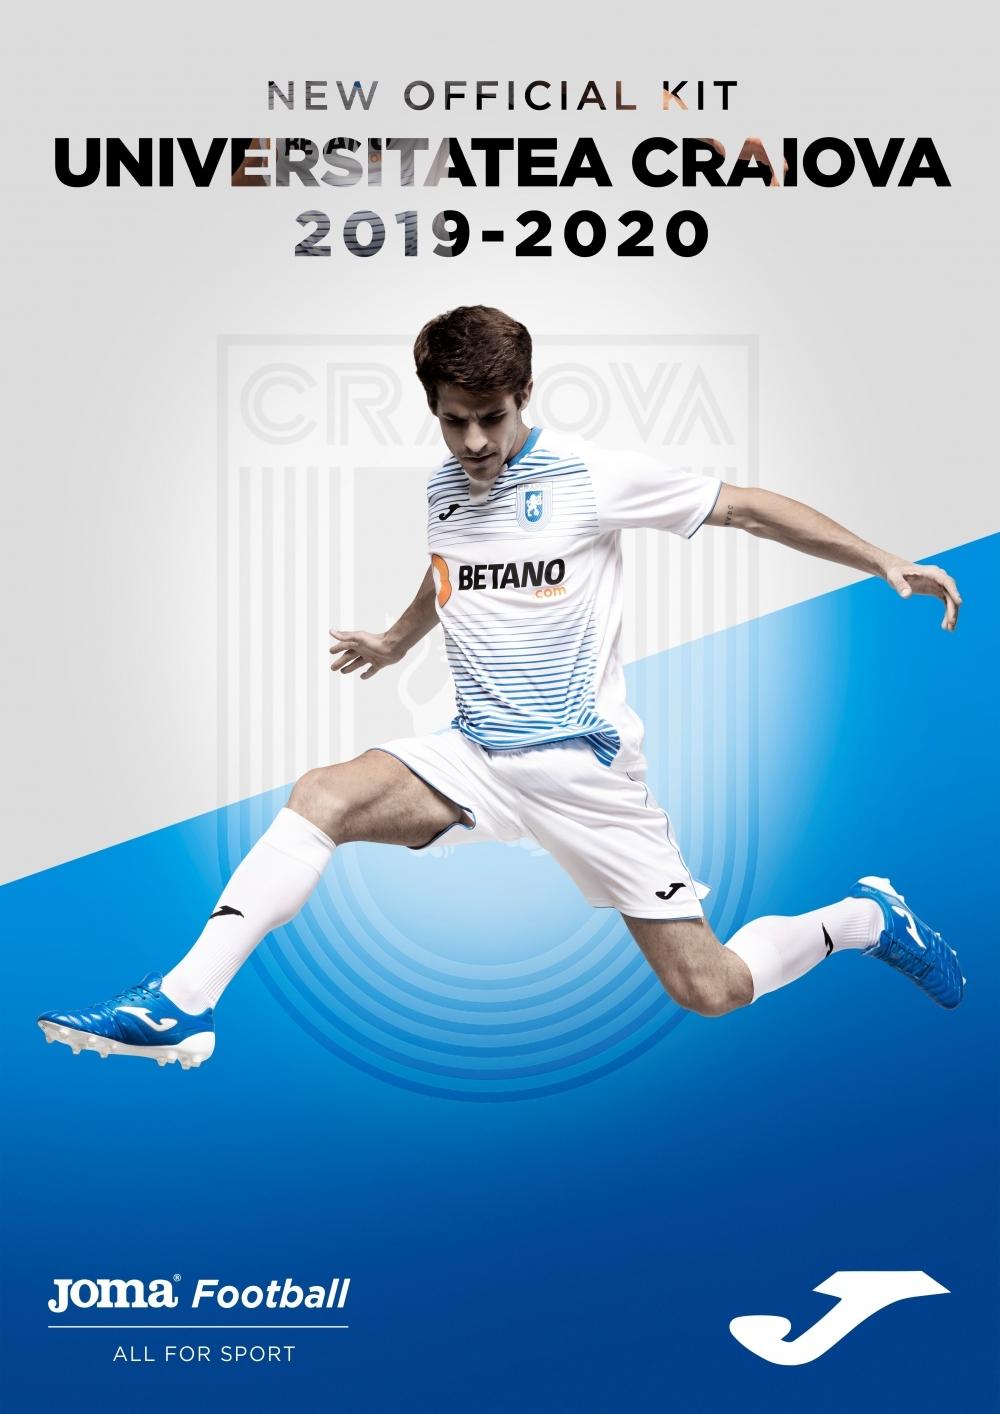 Pregătește-te de noul sezon cu dress-code în alb și albastru